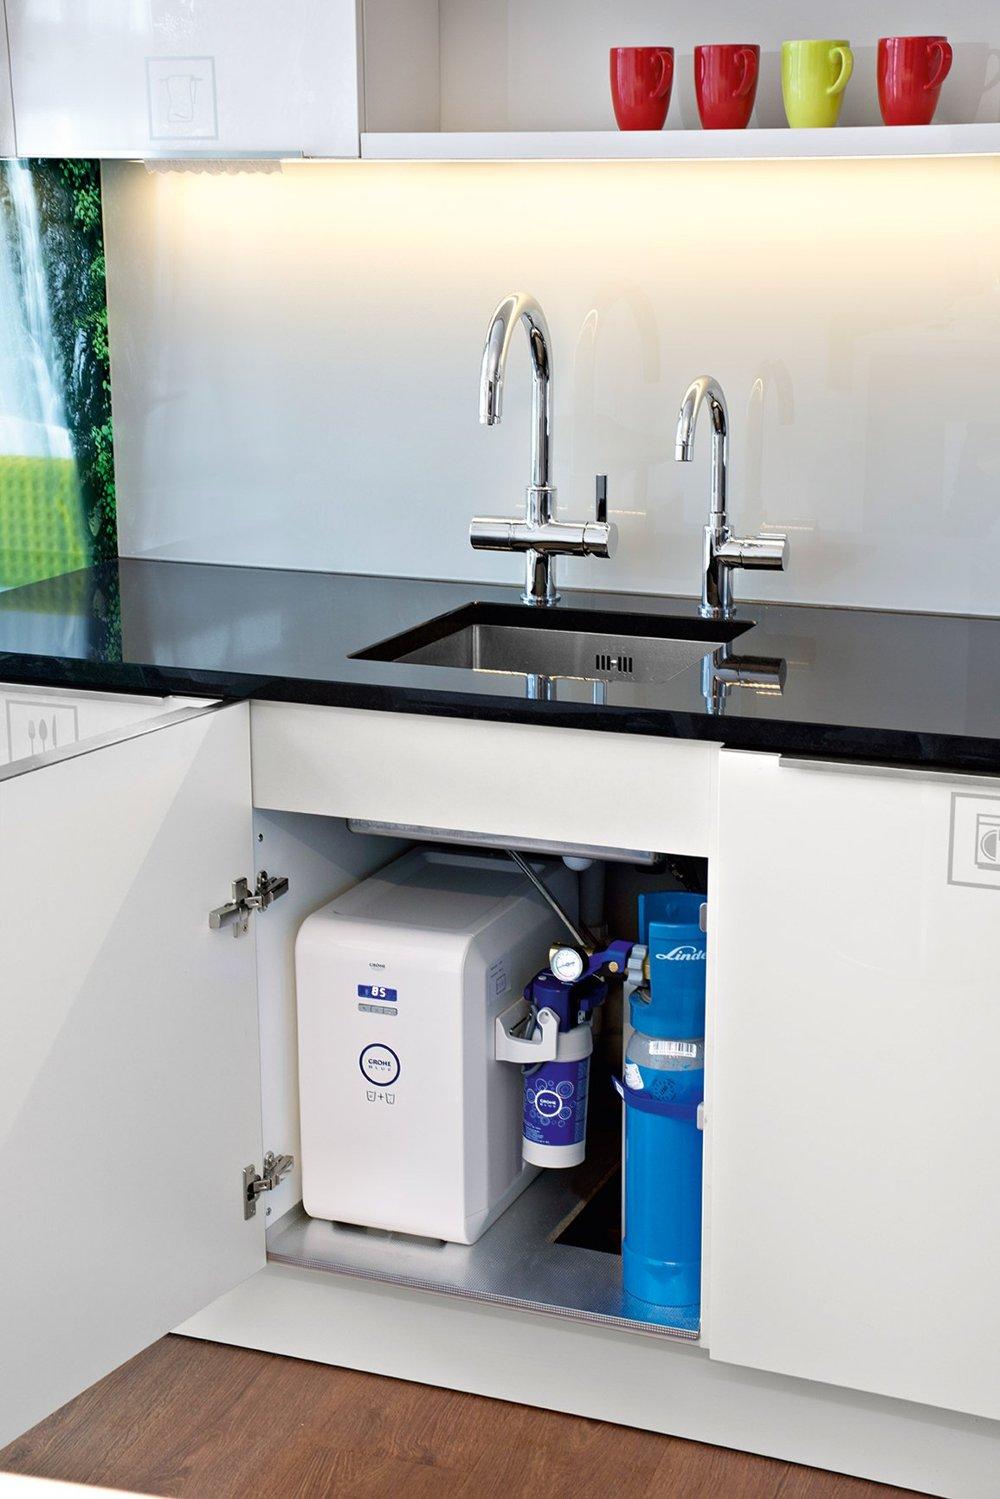 Кухонные смесители GROHE Blue® Chilled & Sparkling и Grohe Red для подачи холодной, газированной и горячей (закипающей) воды